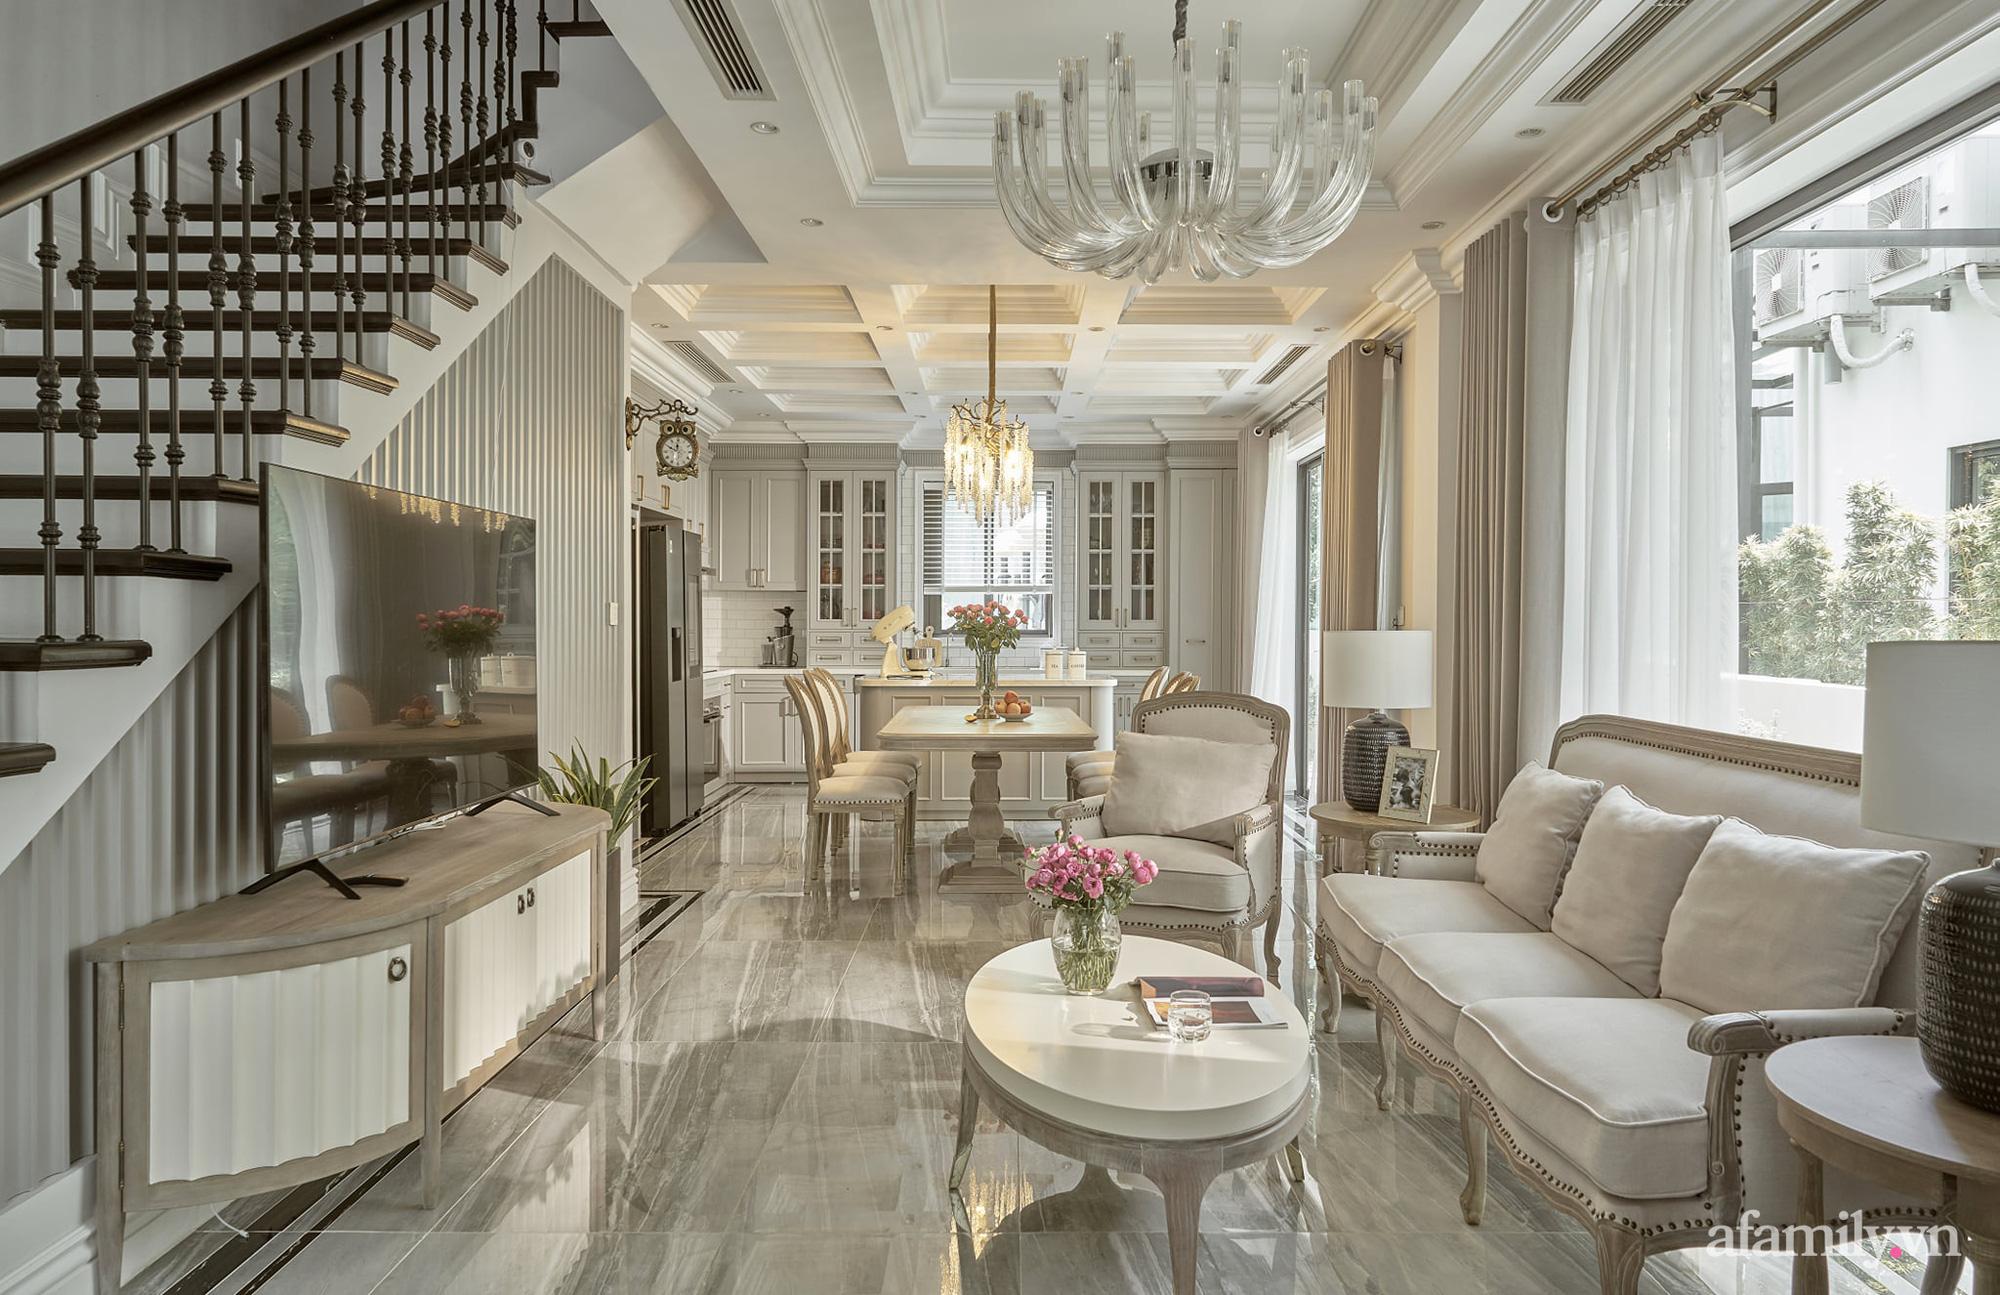 Nhà phố 3 tầng đẹp sang trọng với nội thất cực chất theo phong cách Traditional ở Hà Nội - Ảnh 8.